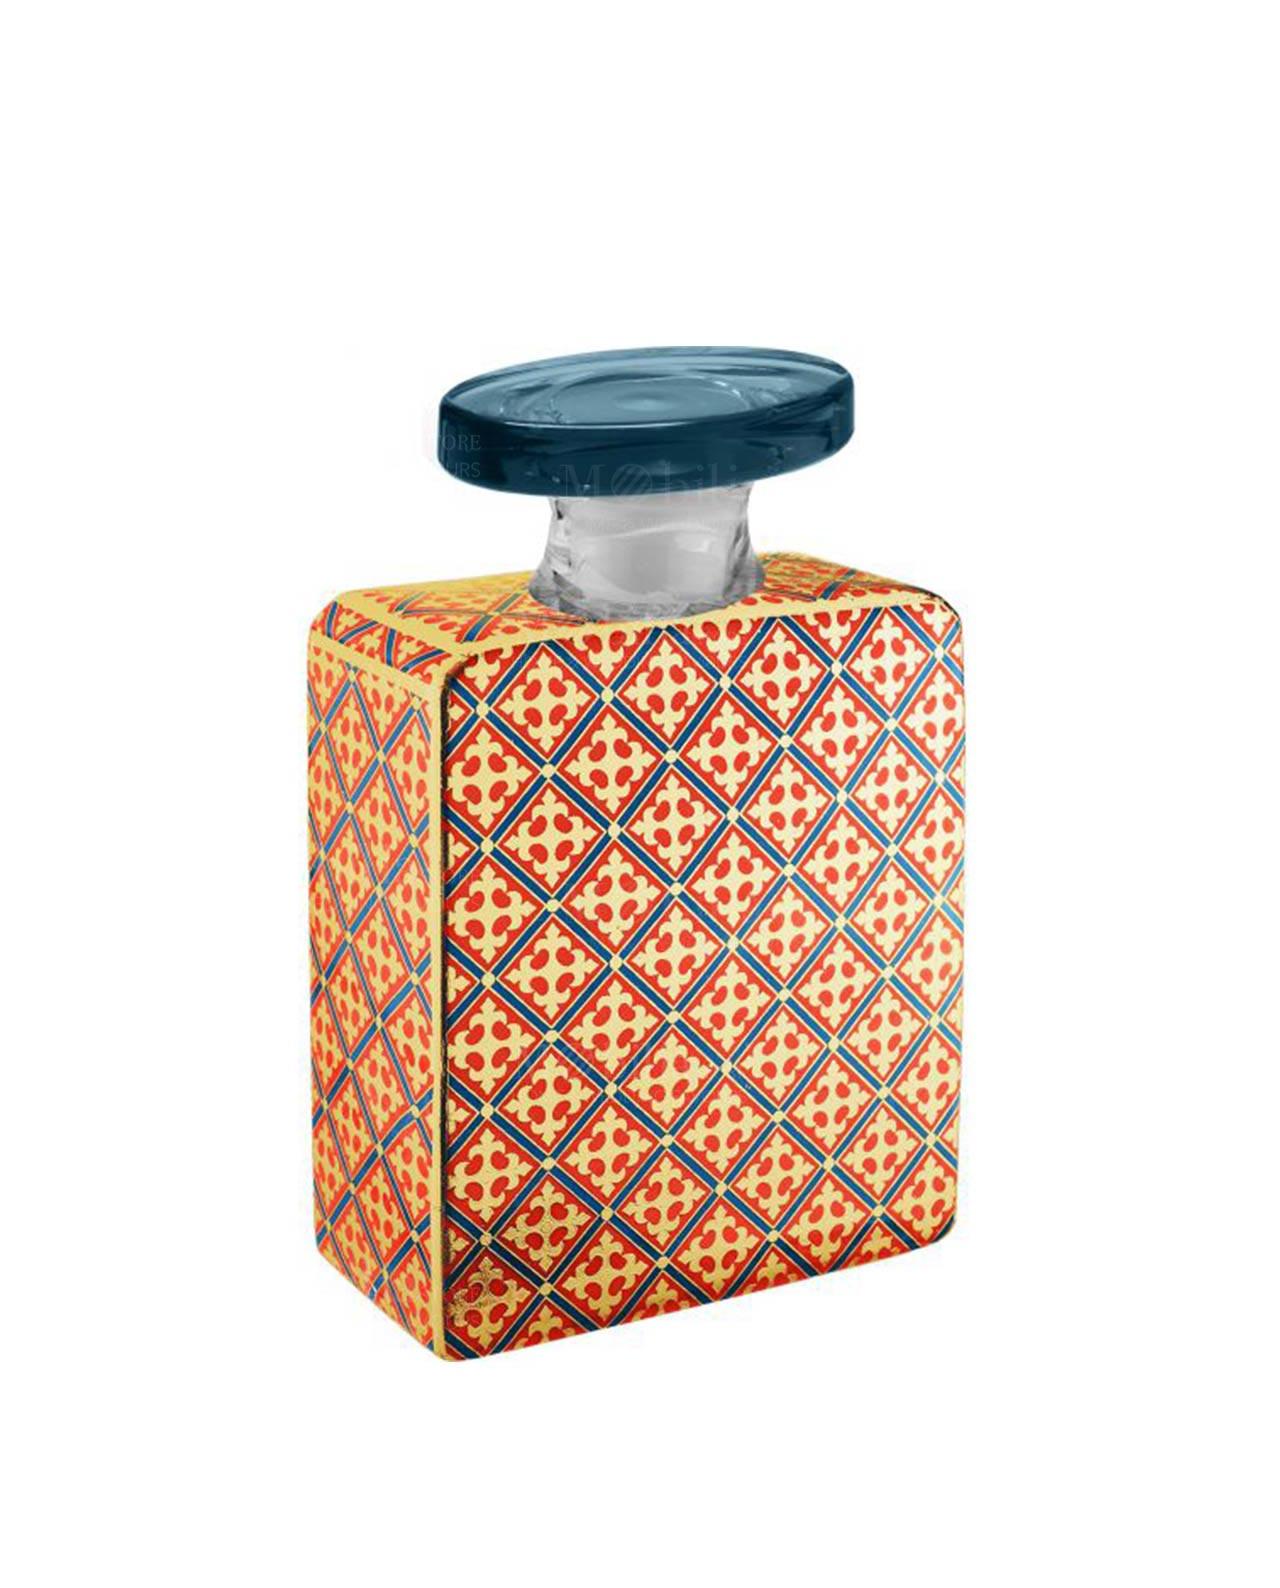 Bottiglie Diffusori Ambiente Baci Milano Maroc E Roll Bono